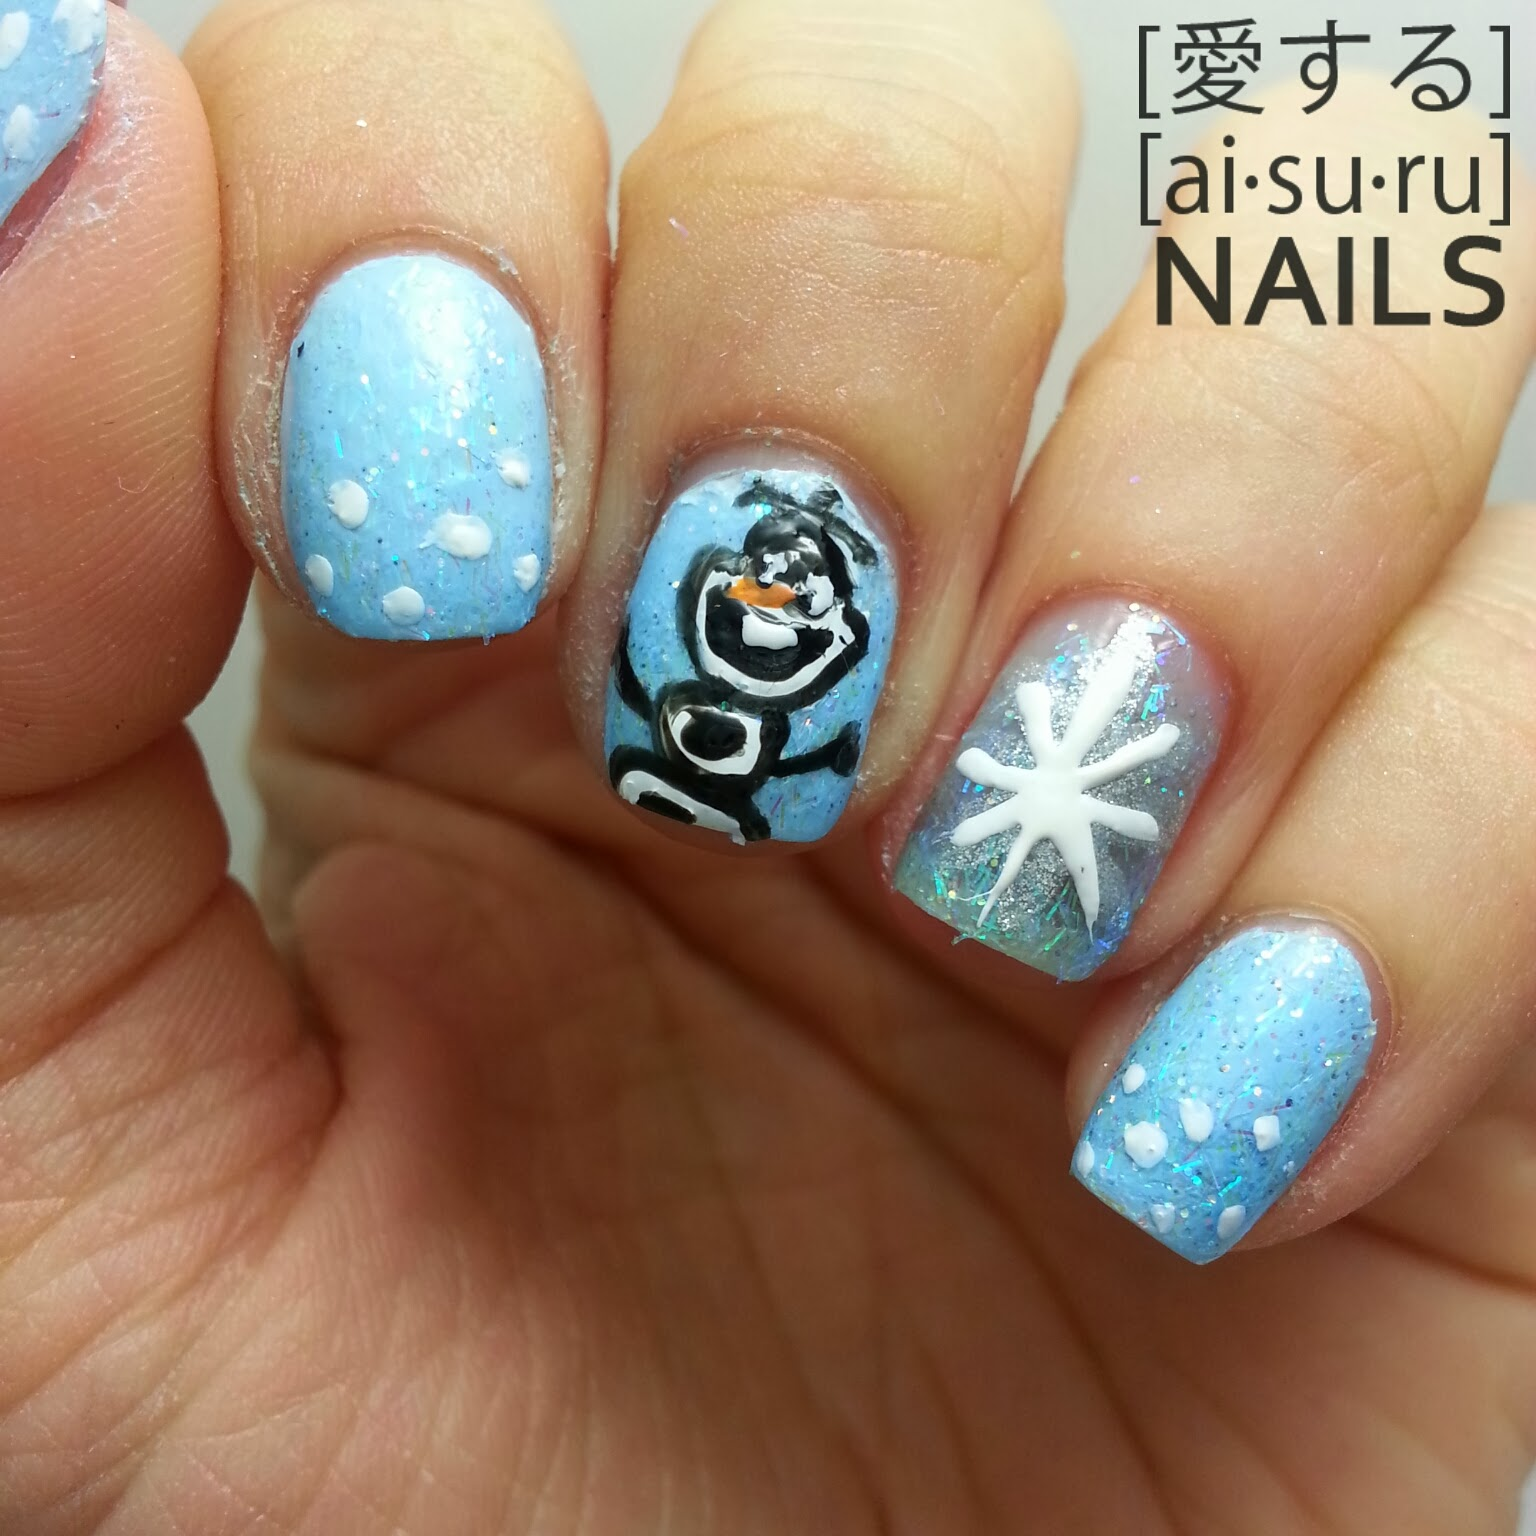 January 2014 | Aisuru Nails